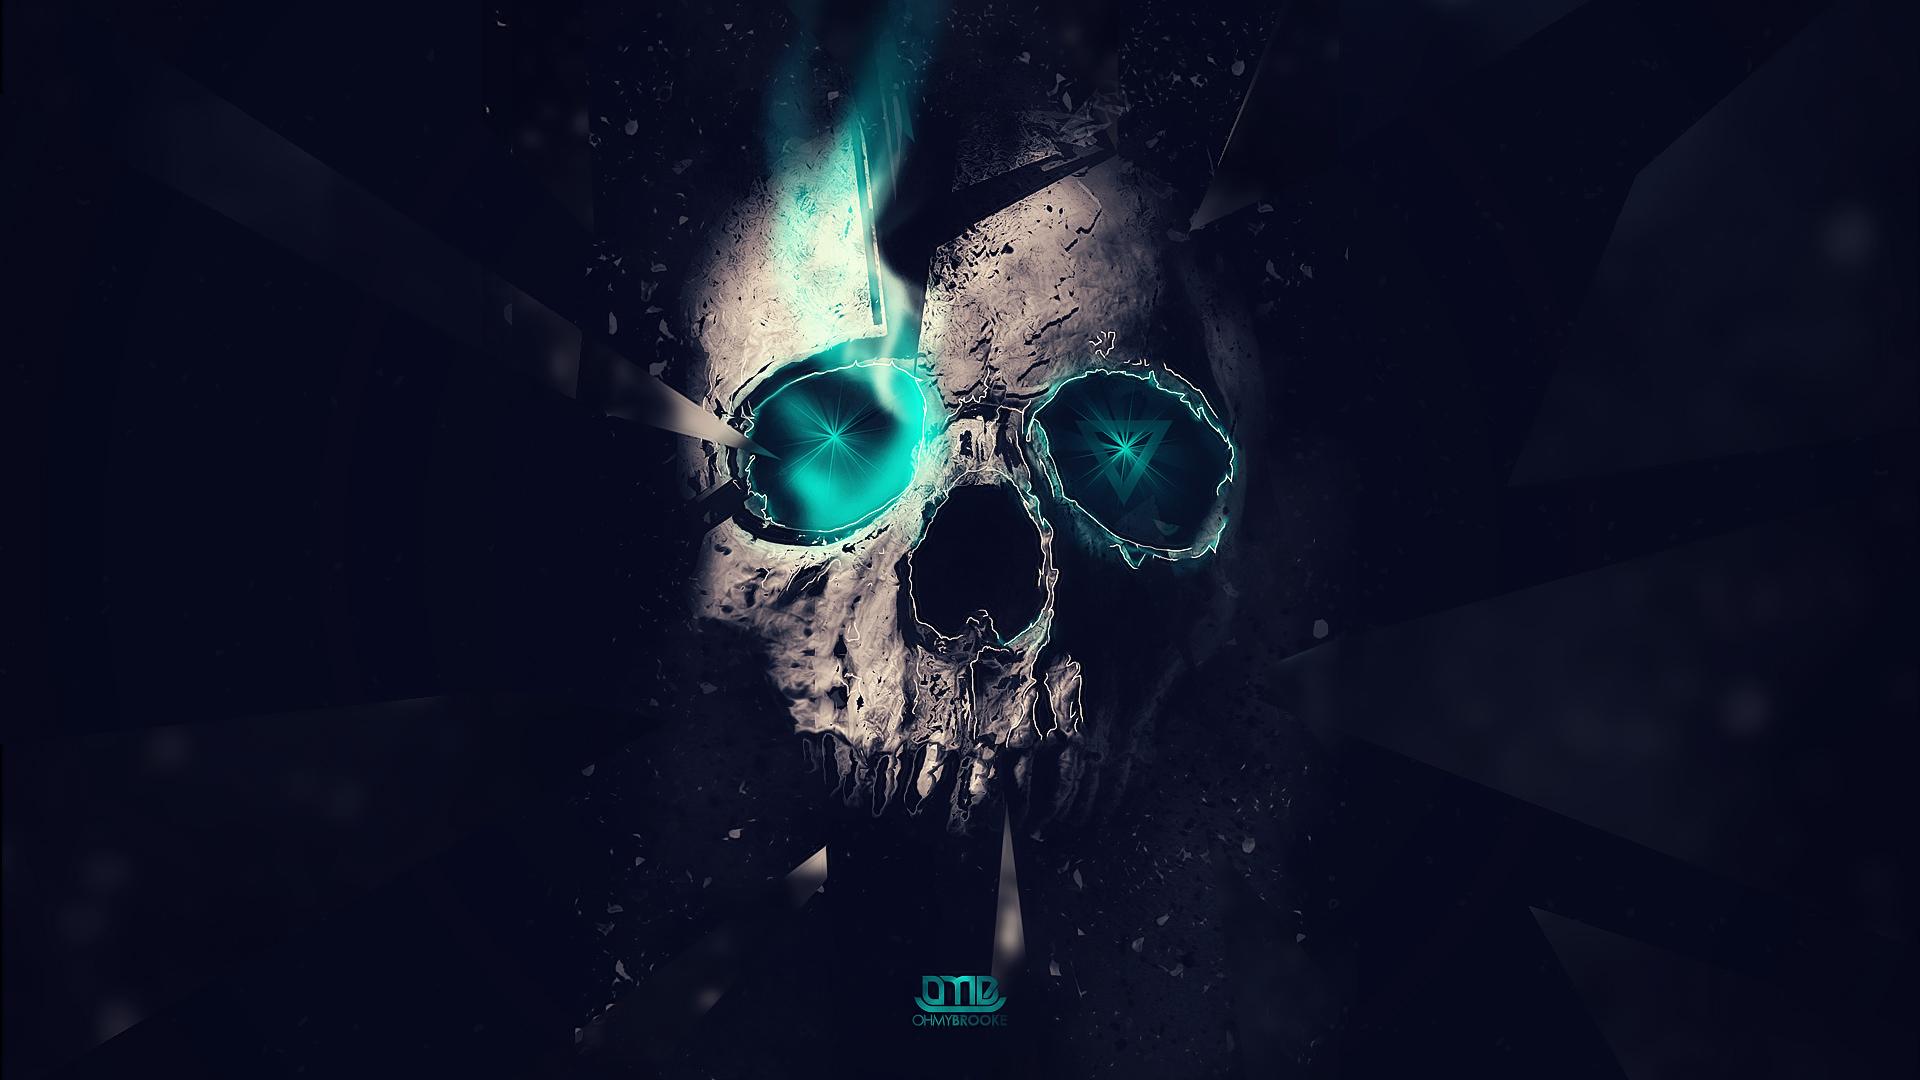 Skull Manipulation Wallpaper 1920x1080